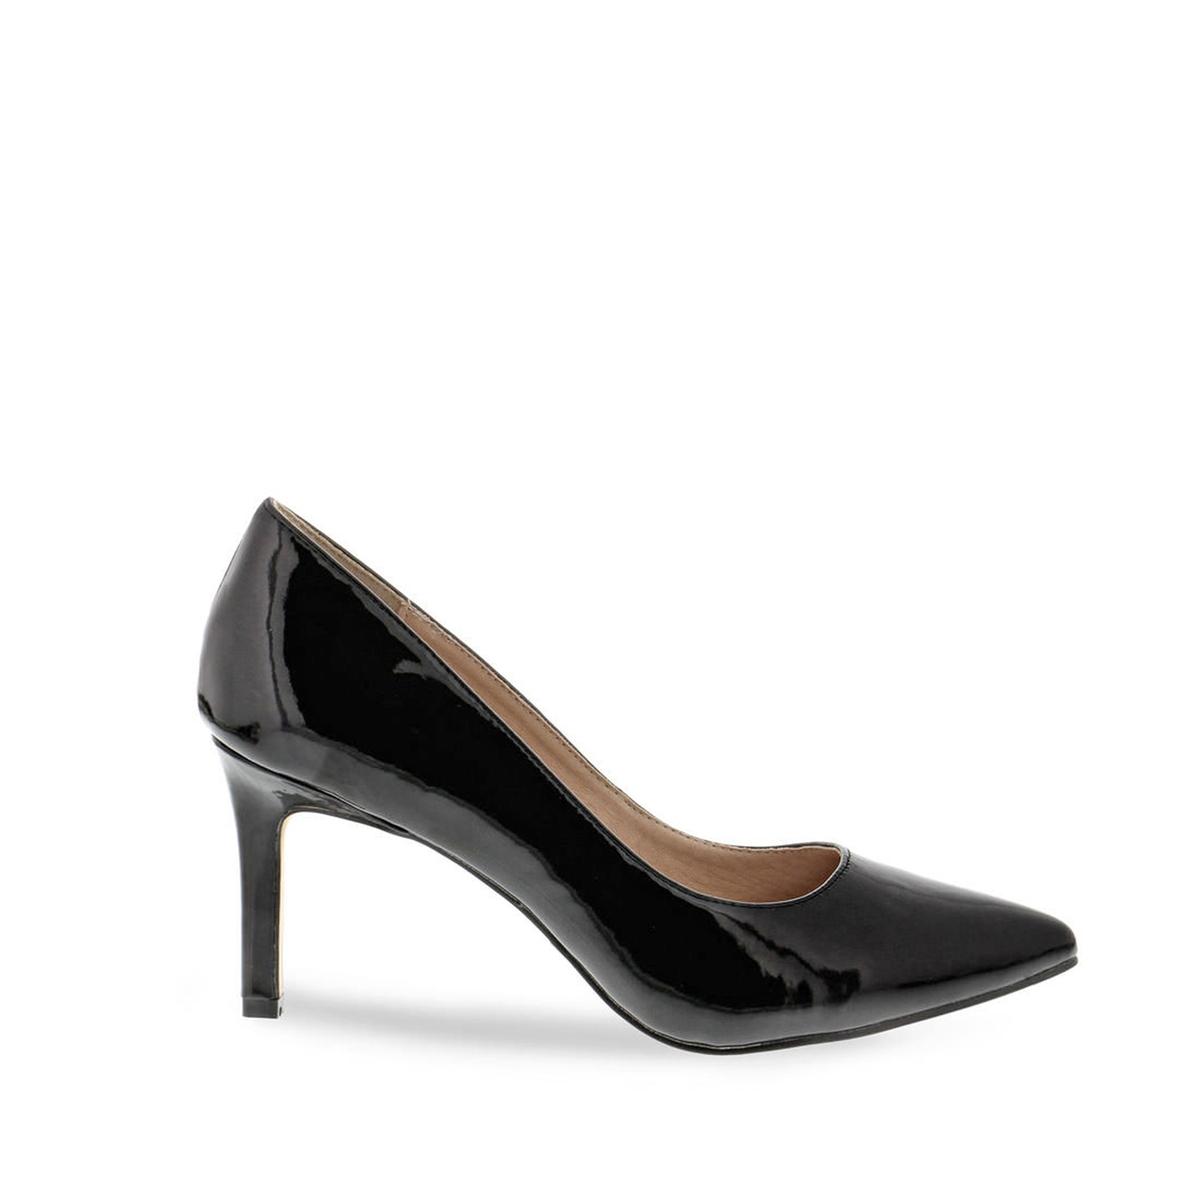 Туфли кожаные H733-C002A-4Верх : синтетика   Подкладка : Кожа.   Стелька : синтетика   Подошва : синтетика   Высота каблука : 7 см   Форма каблука : шпилька   Мысок : заостренный мысок     Застежка : без застежки<br><br>Цвет: черный<br>Размер: 39